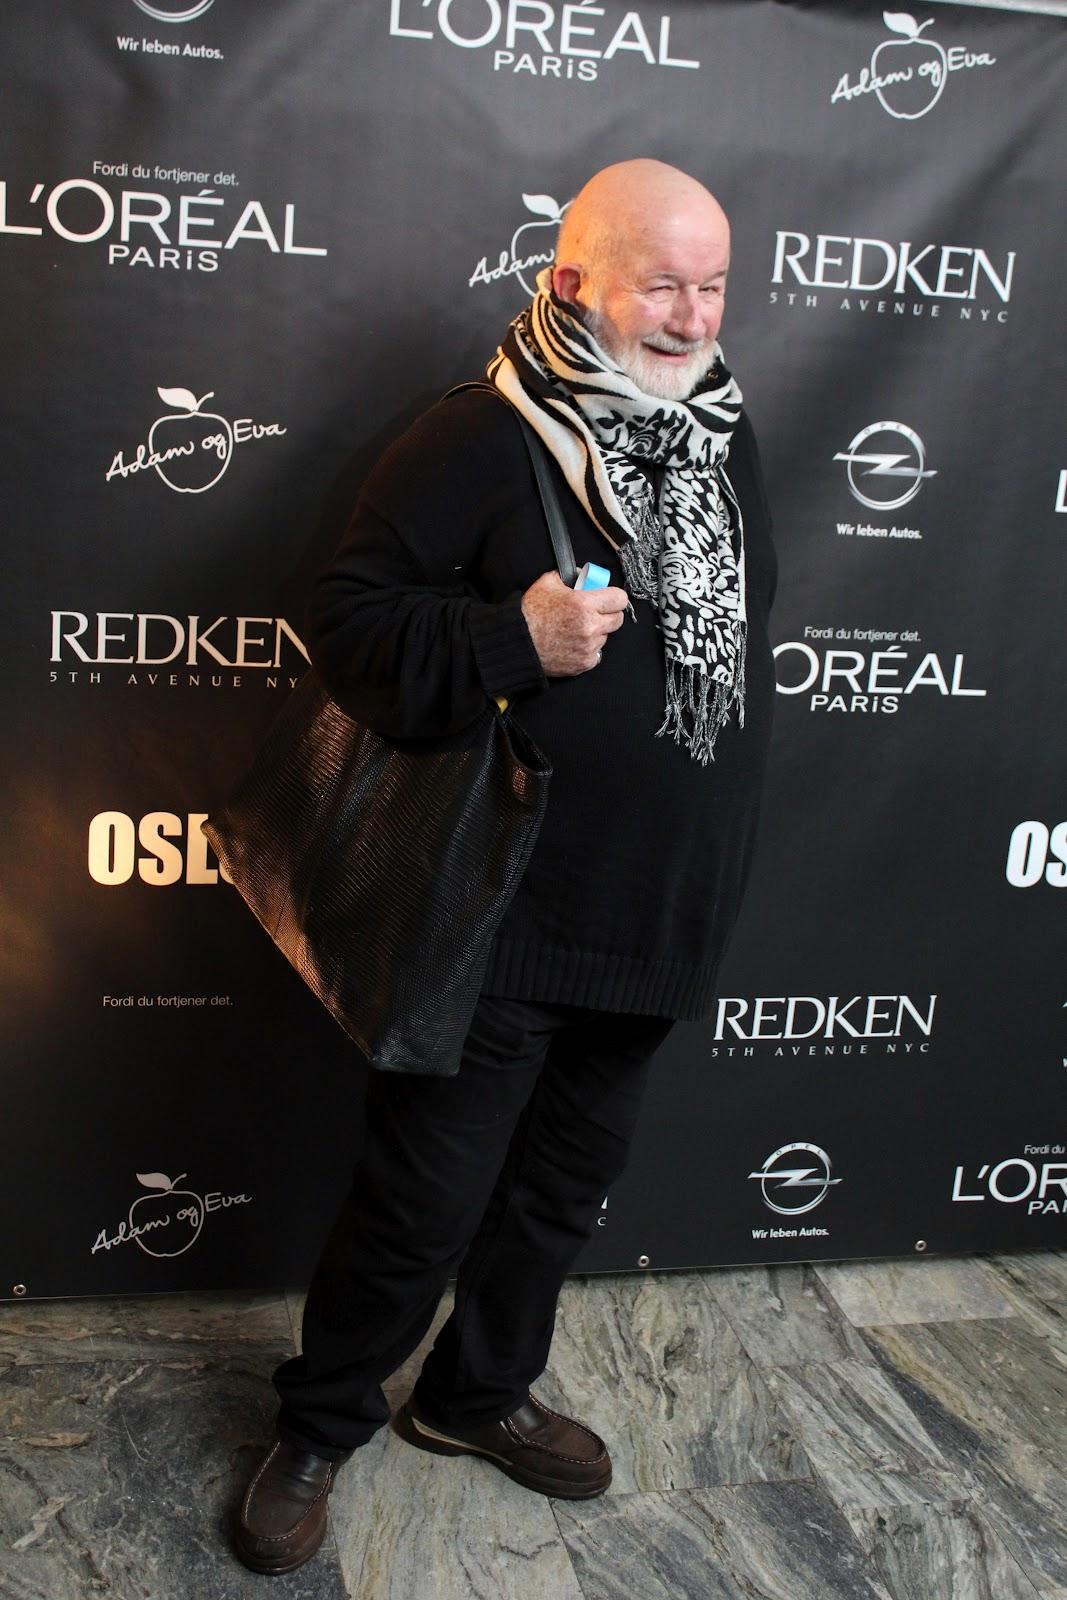 Nils-Christian Ihlen-Hansen Oslo Fashion Week opening 6. feb 2012